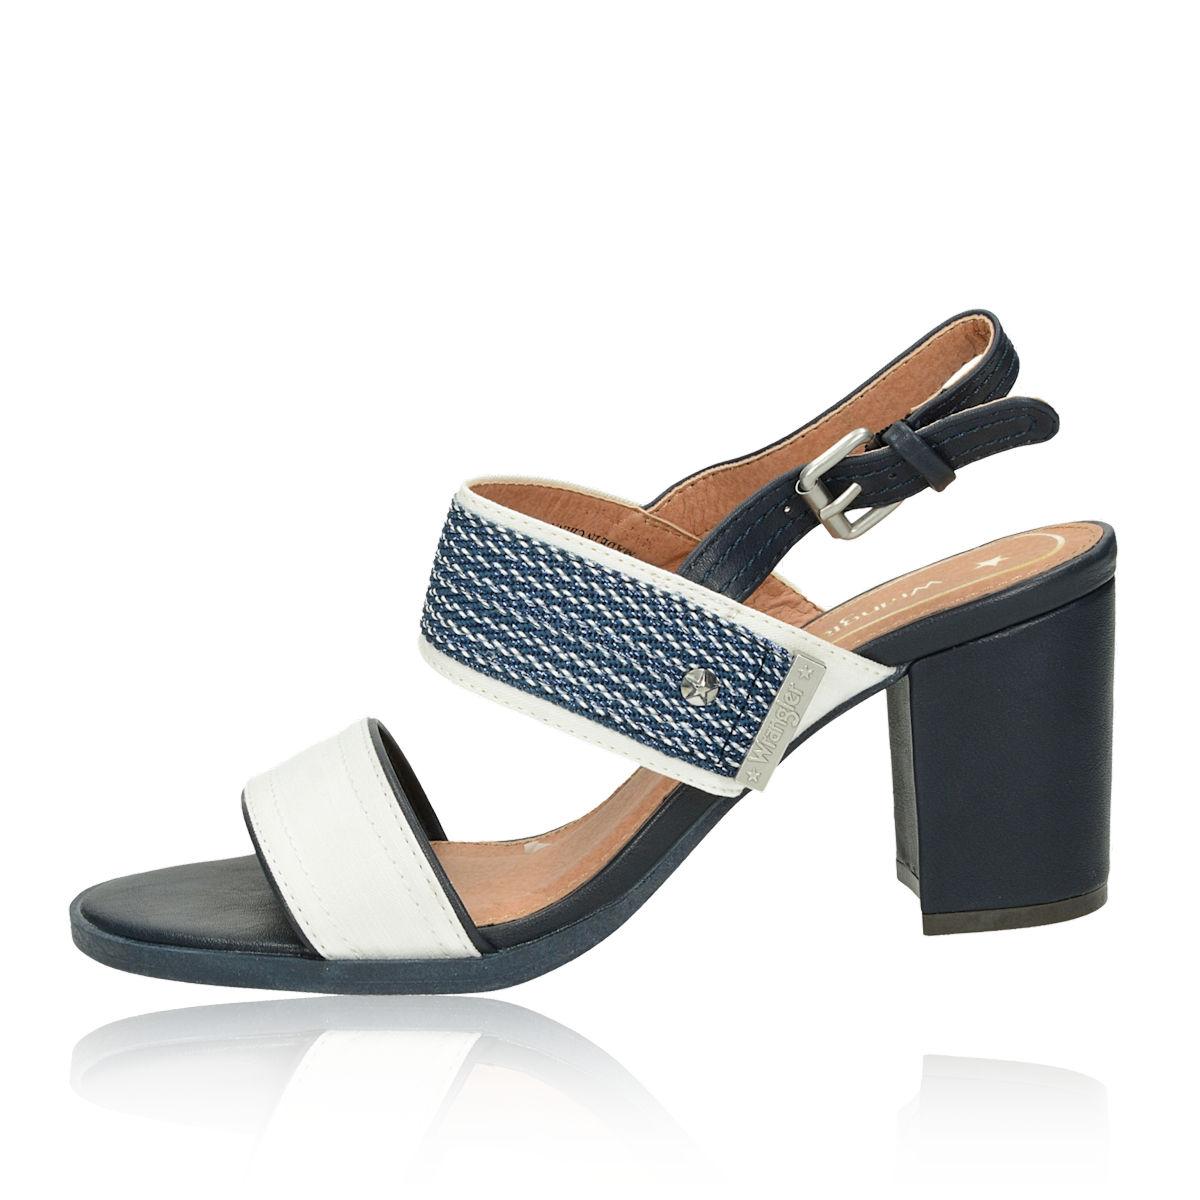 d9f76a08d Wrangler dámské stylové sandály na podpatku - modrobílé | WL91631A ...